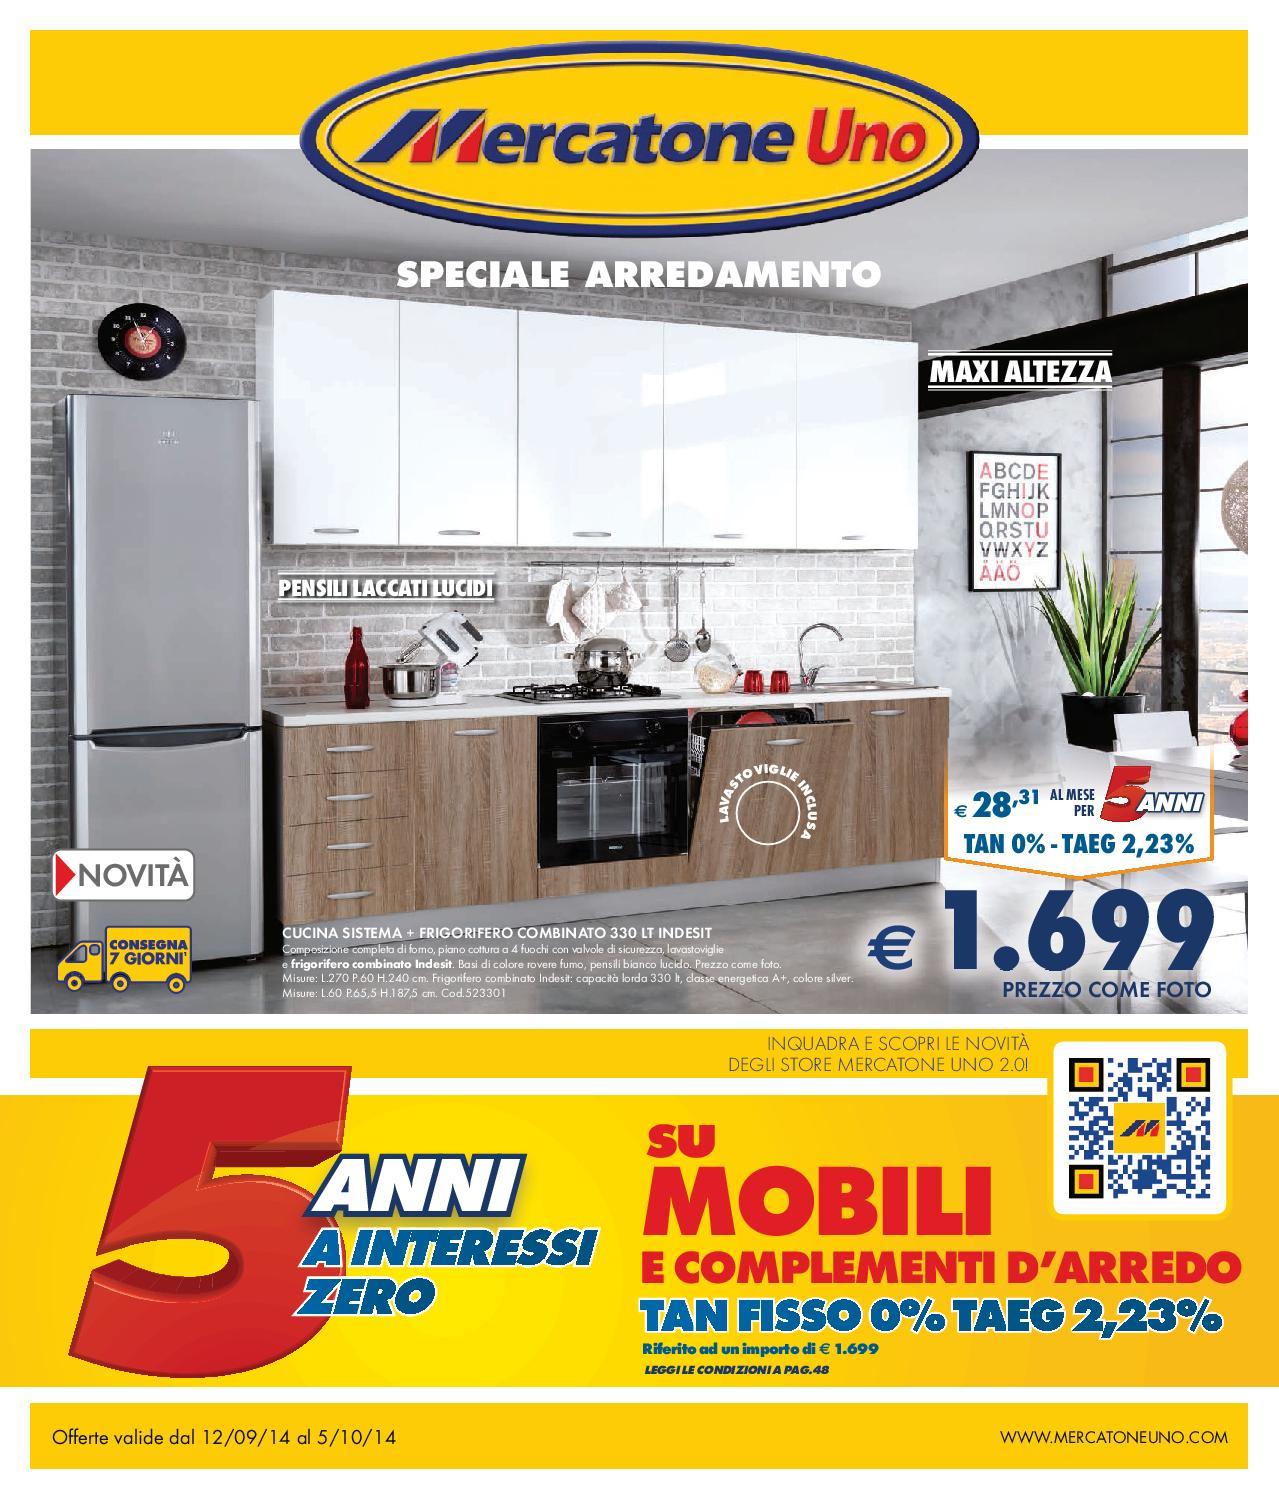 Mercatone Uno Divani Letto Economici.Mercatoneuno 5ott By Volavolantino Issuu